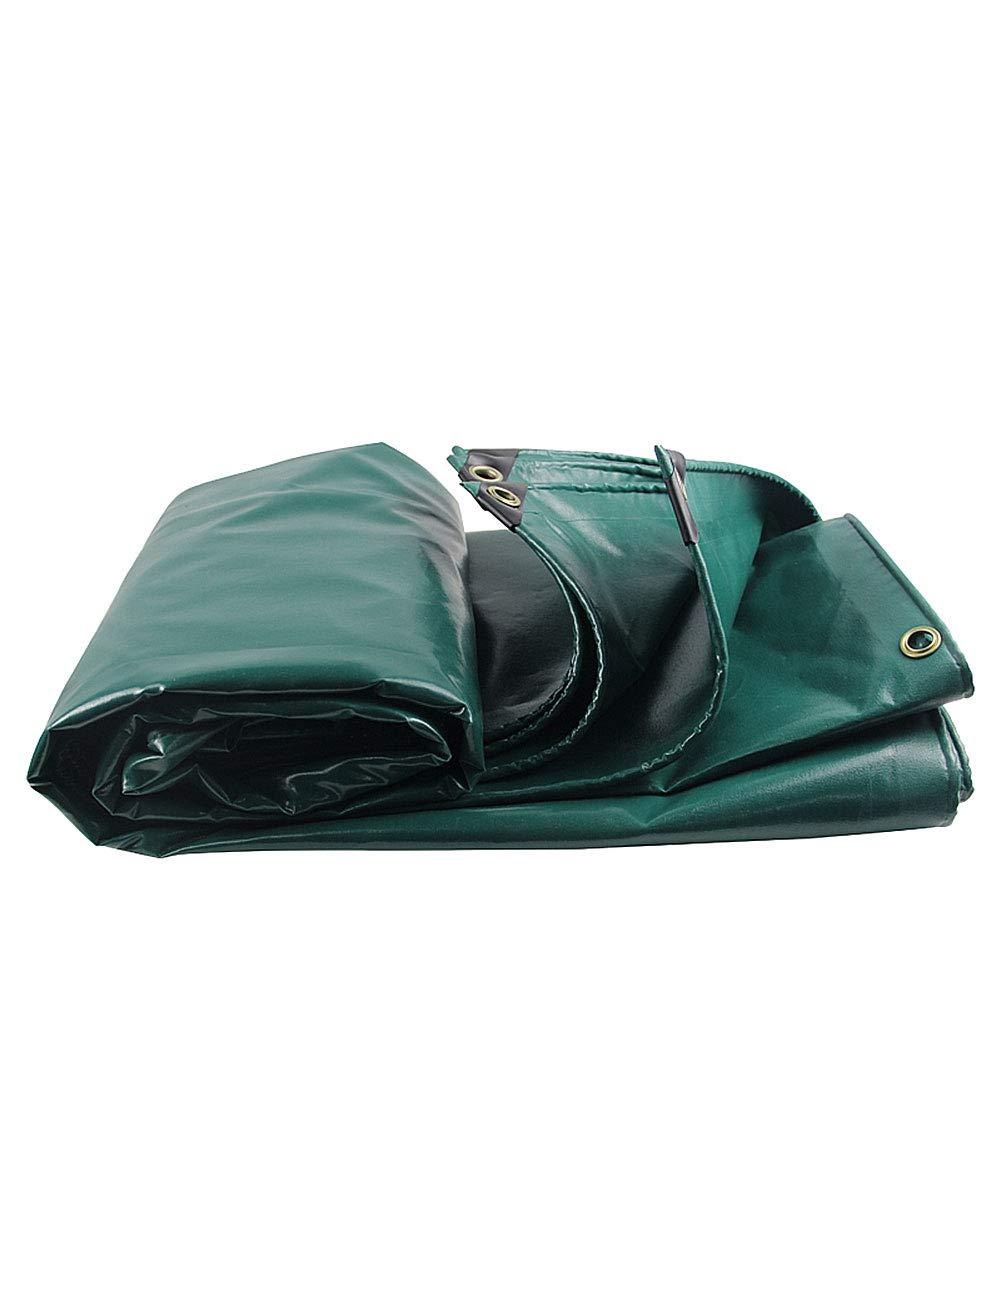 più sconto KCoob Impermeabile da da da Campeggio Shelter Tenda da Esterno PVC Antipioggia Rivestito in plastica con Foro in Metallo Eye (Dimensione   4m4m)  risparmia fino al 70%